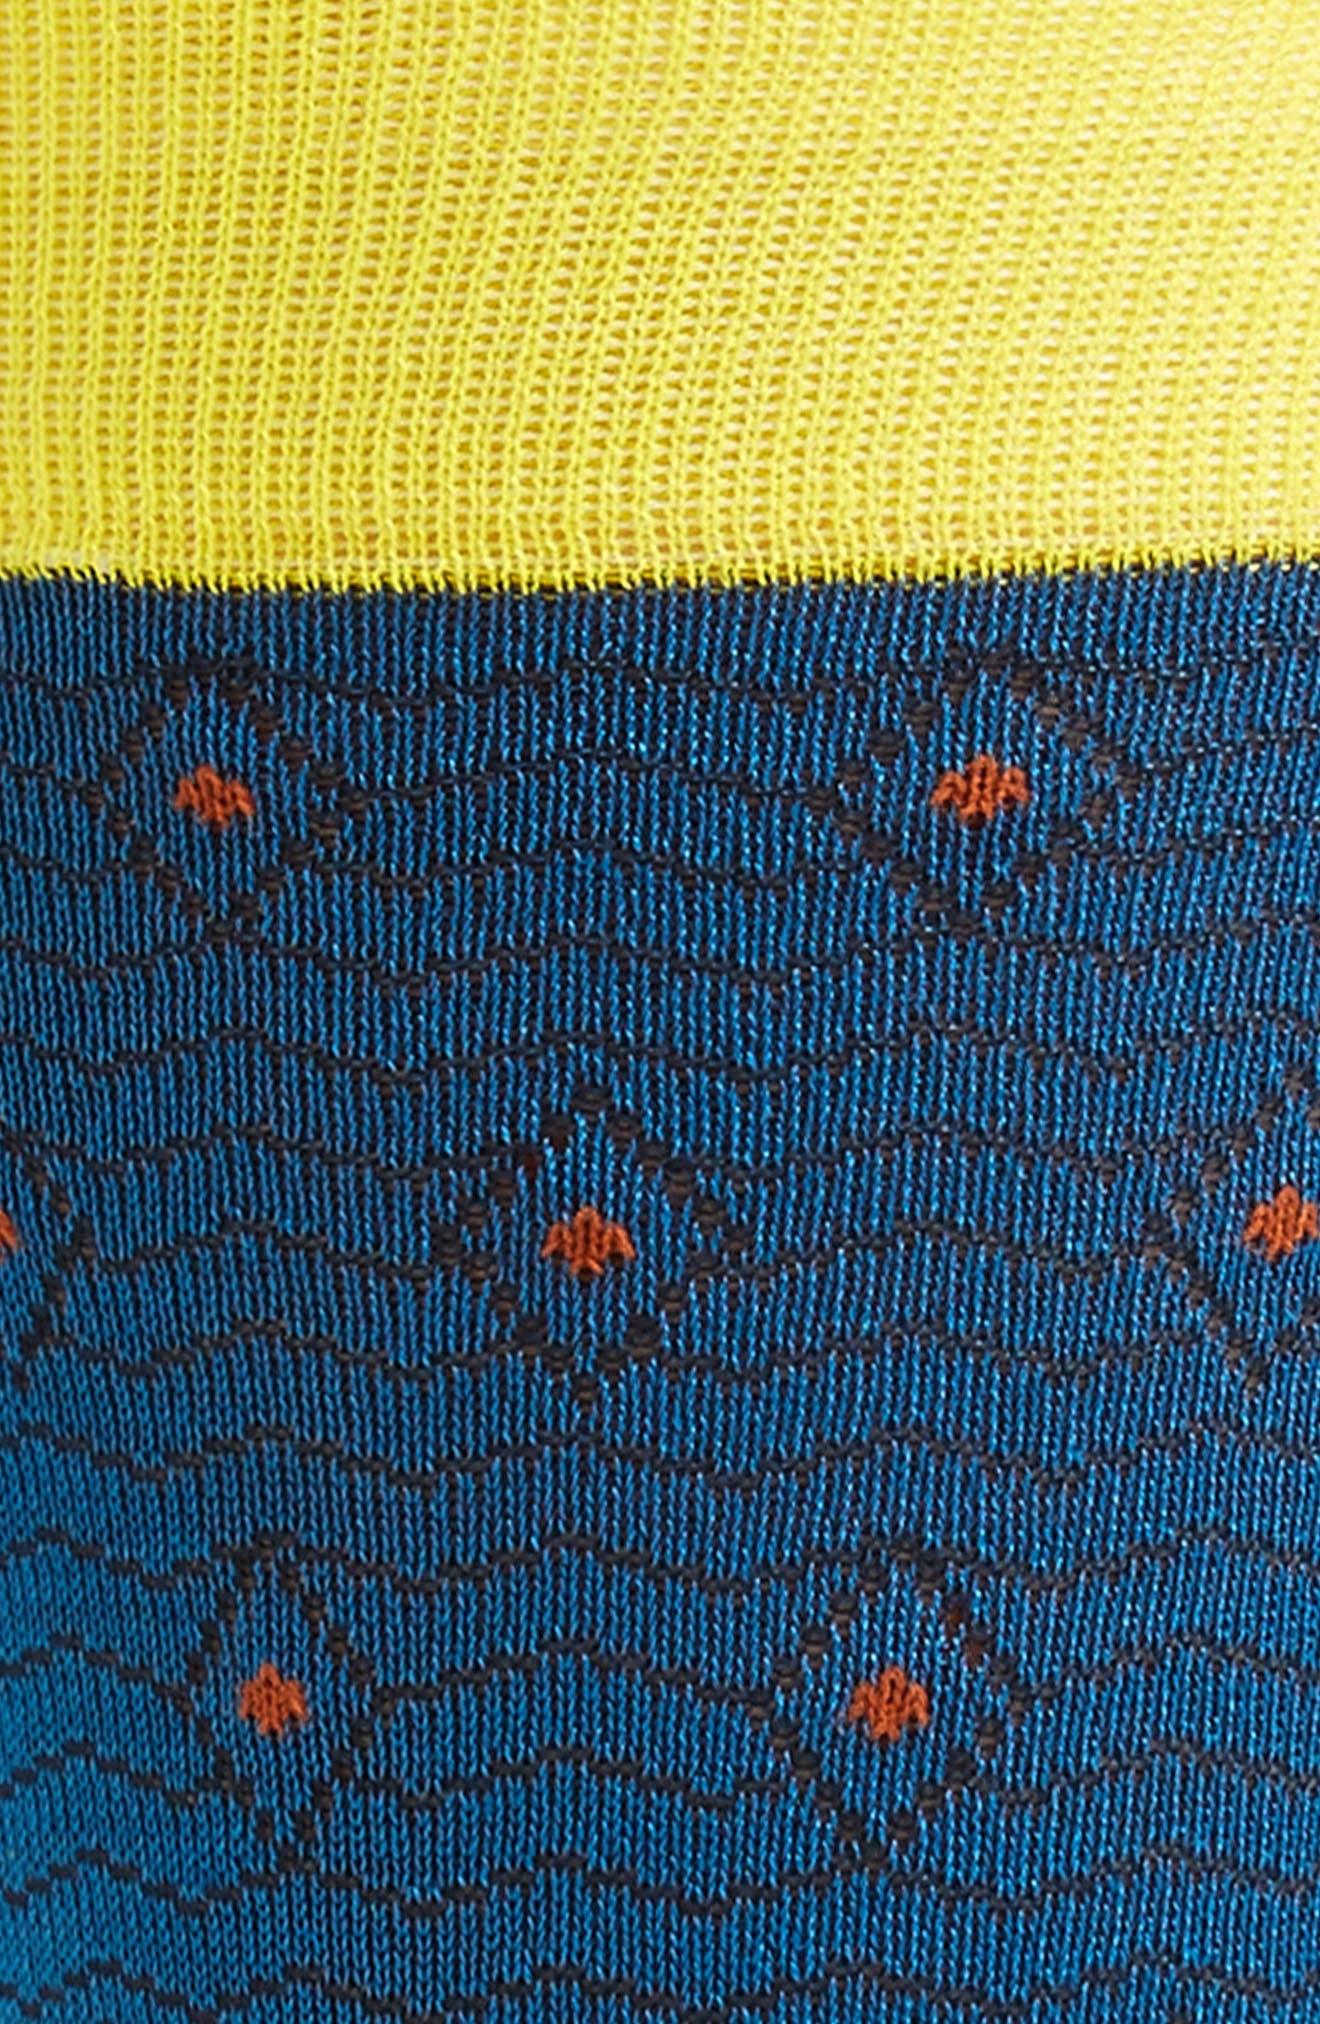 Reveaux Geometric Socks,                             Alternate thumbnail 2, color,                             402